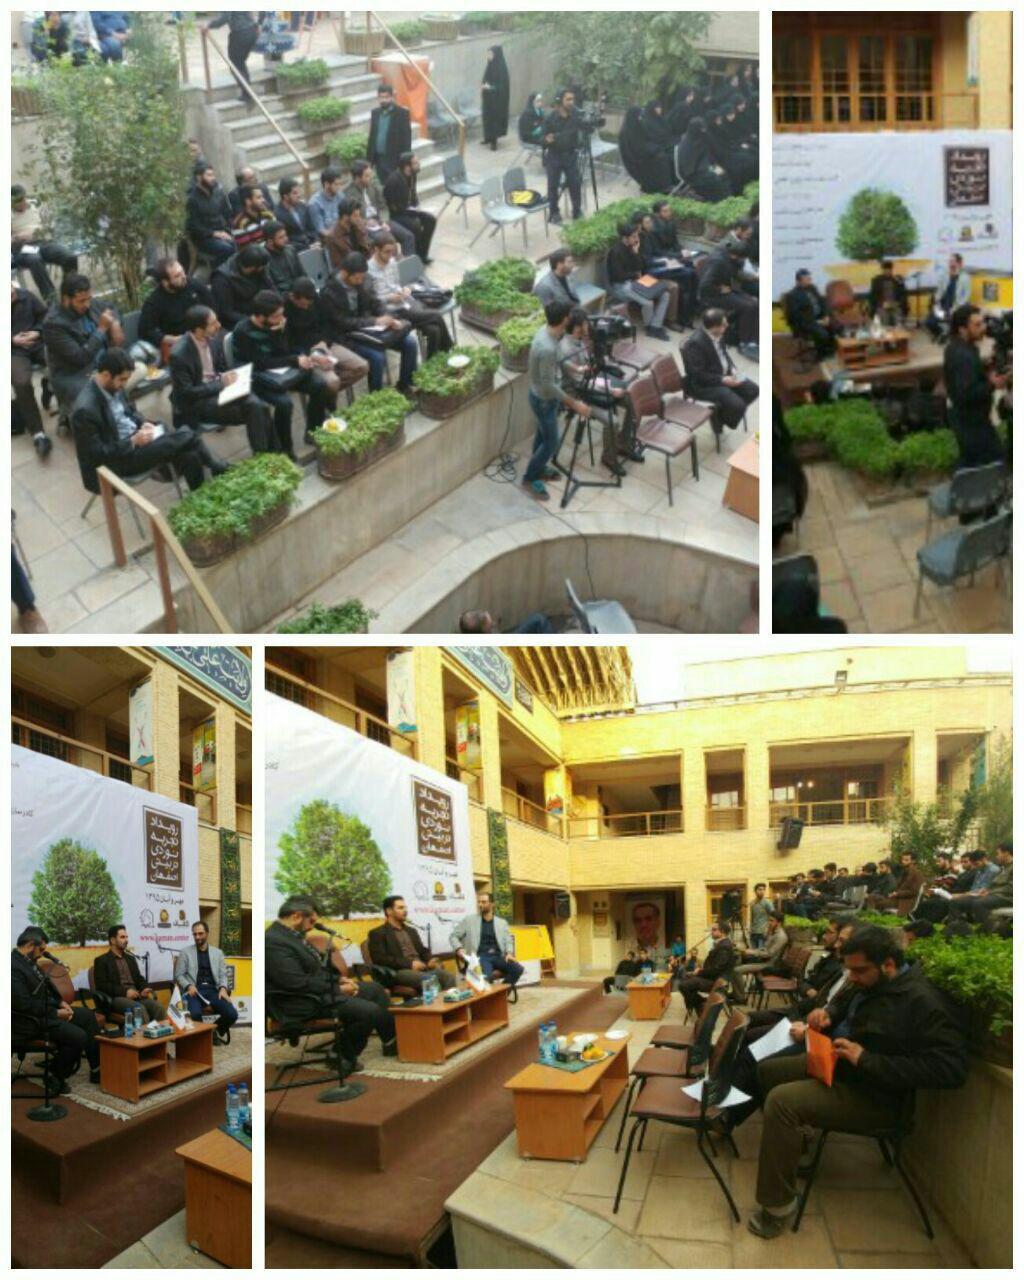 دومین رویداد تجربه نوردی تربیتی اصفهان برگزار شد